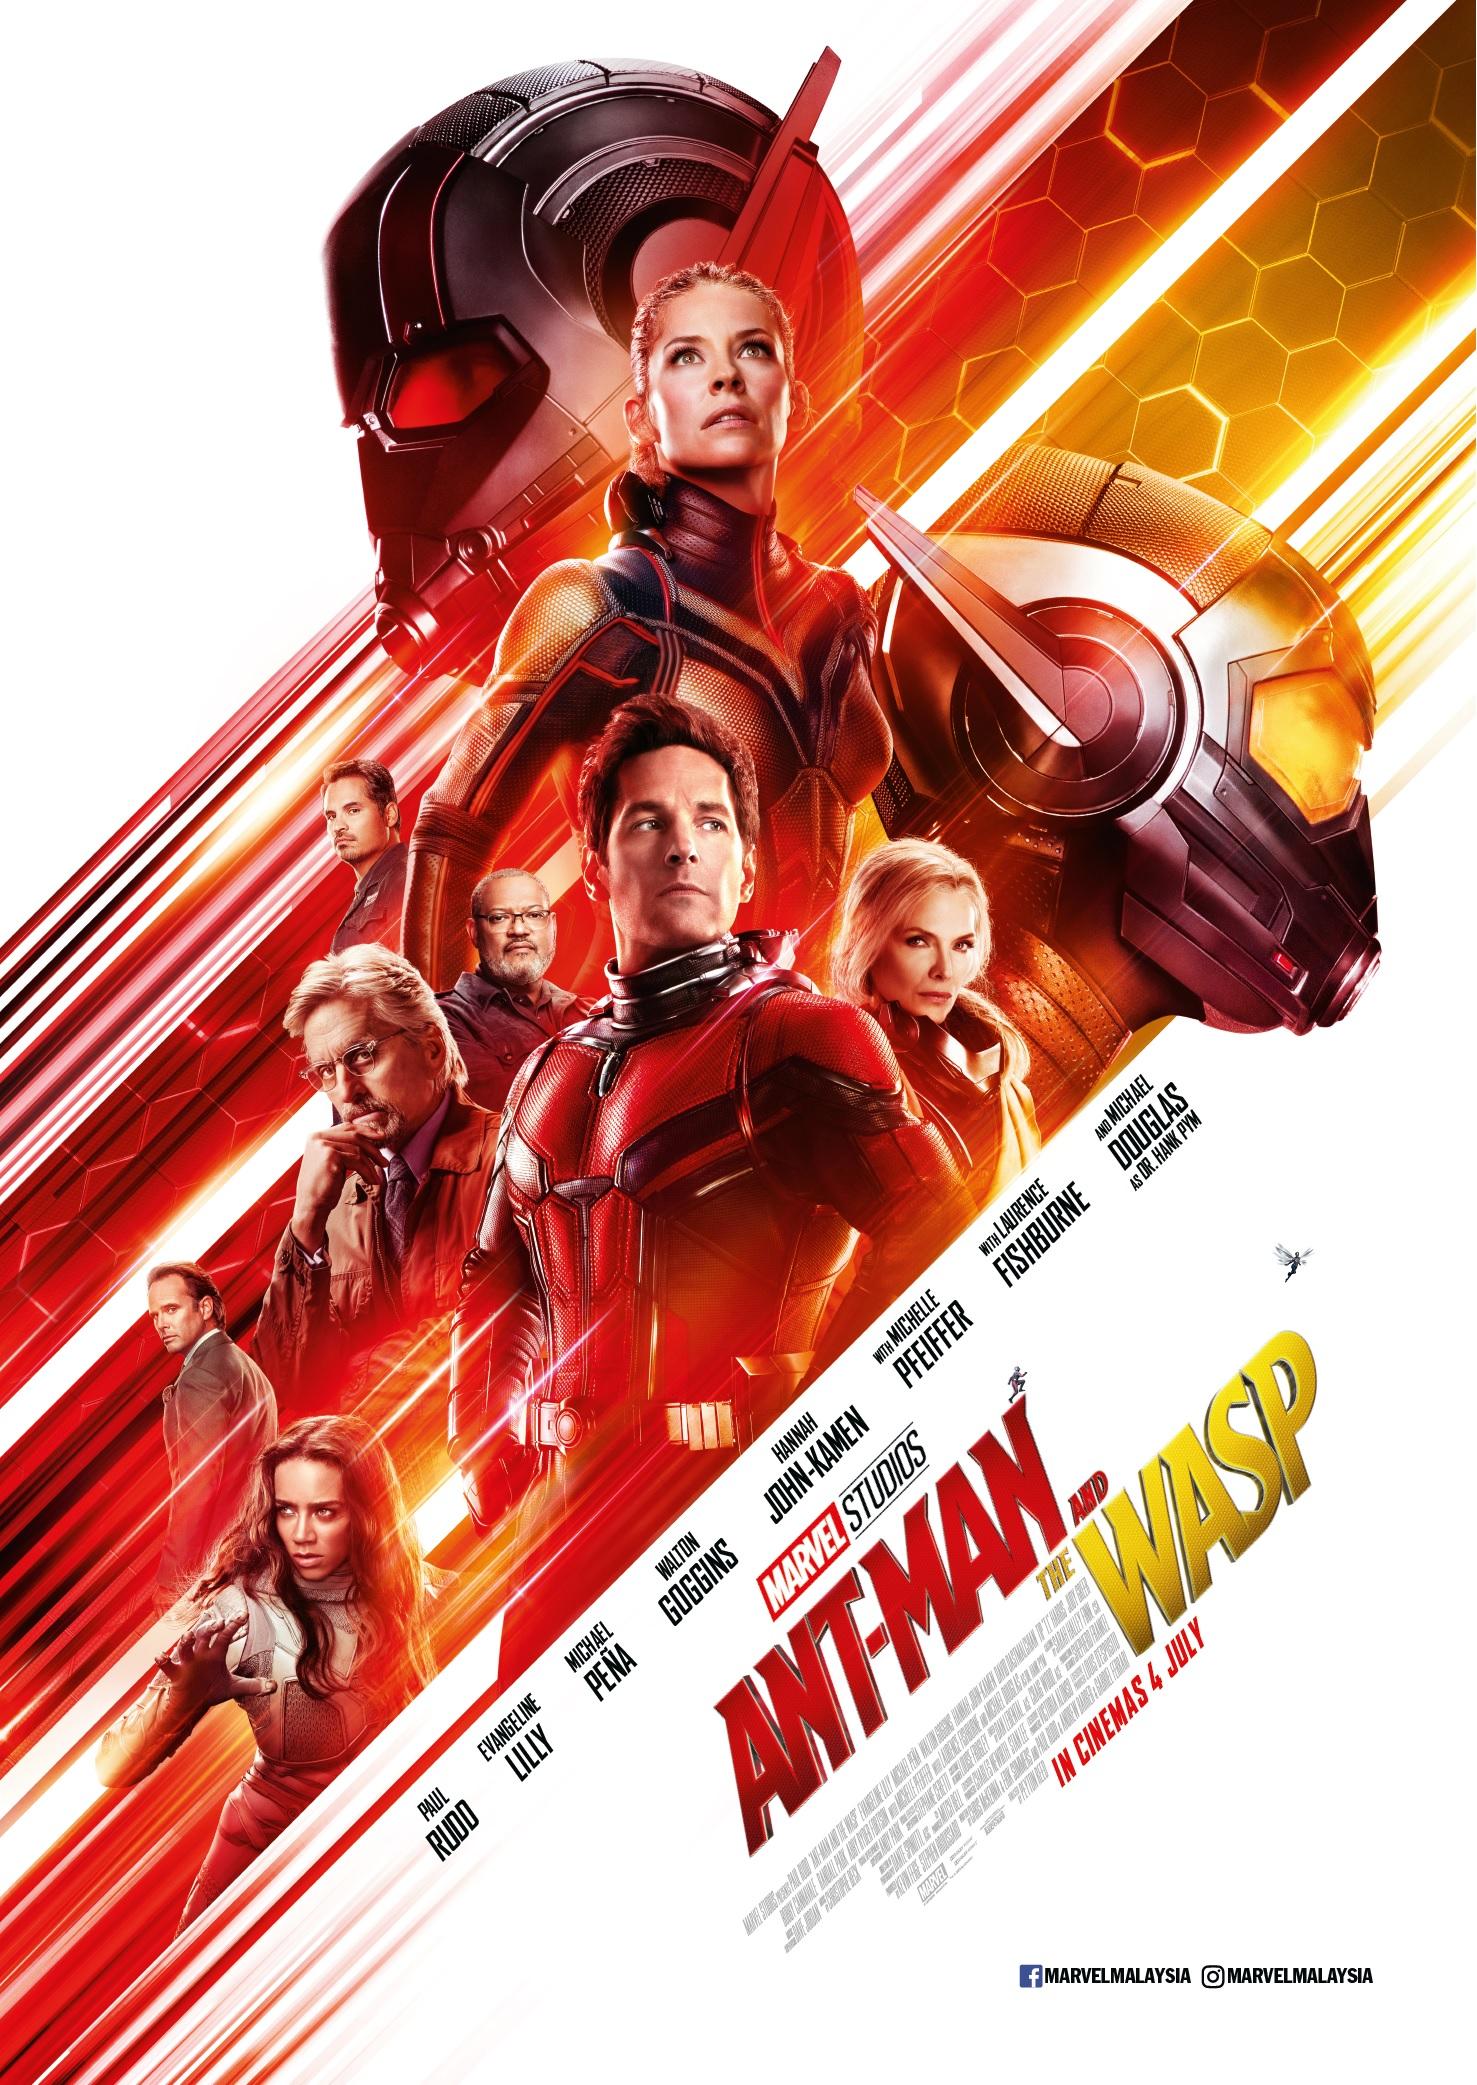 #PeraduanGempak: Marvel Studios' Ant-Man & The Wasp